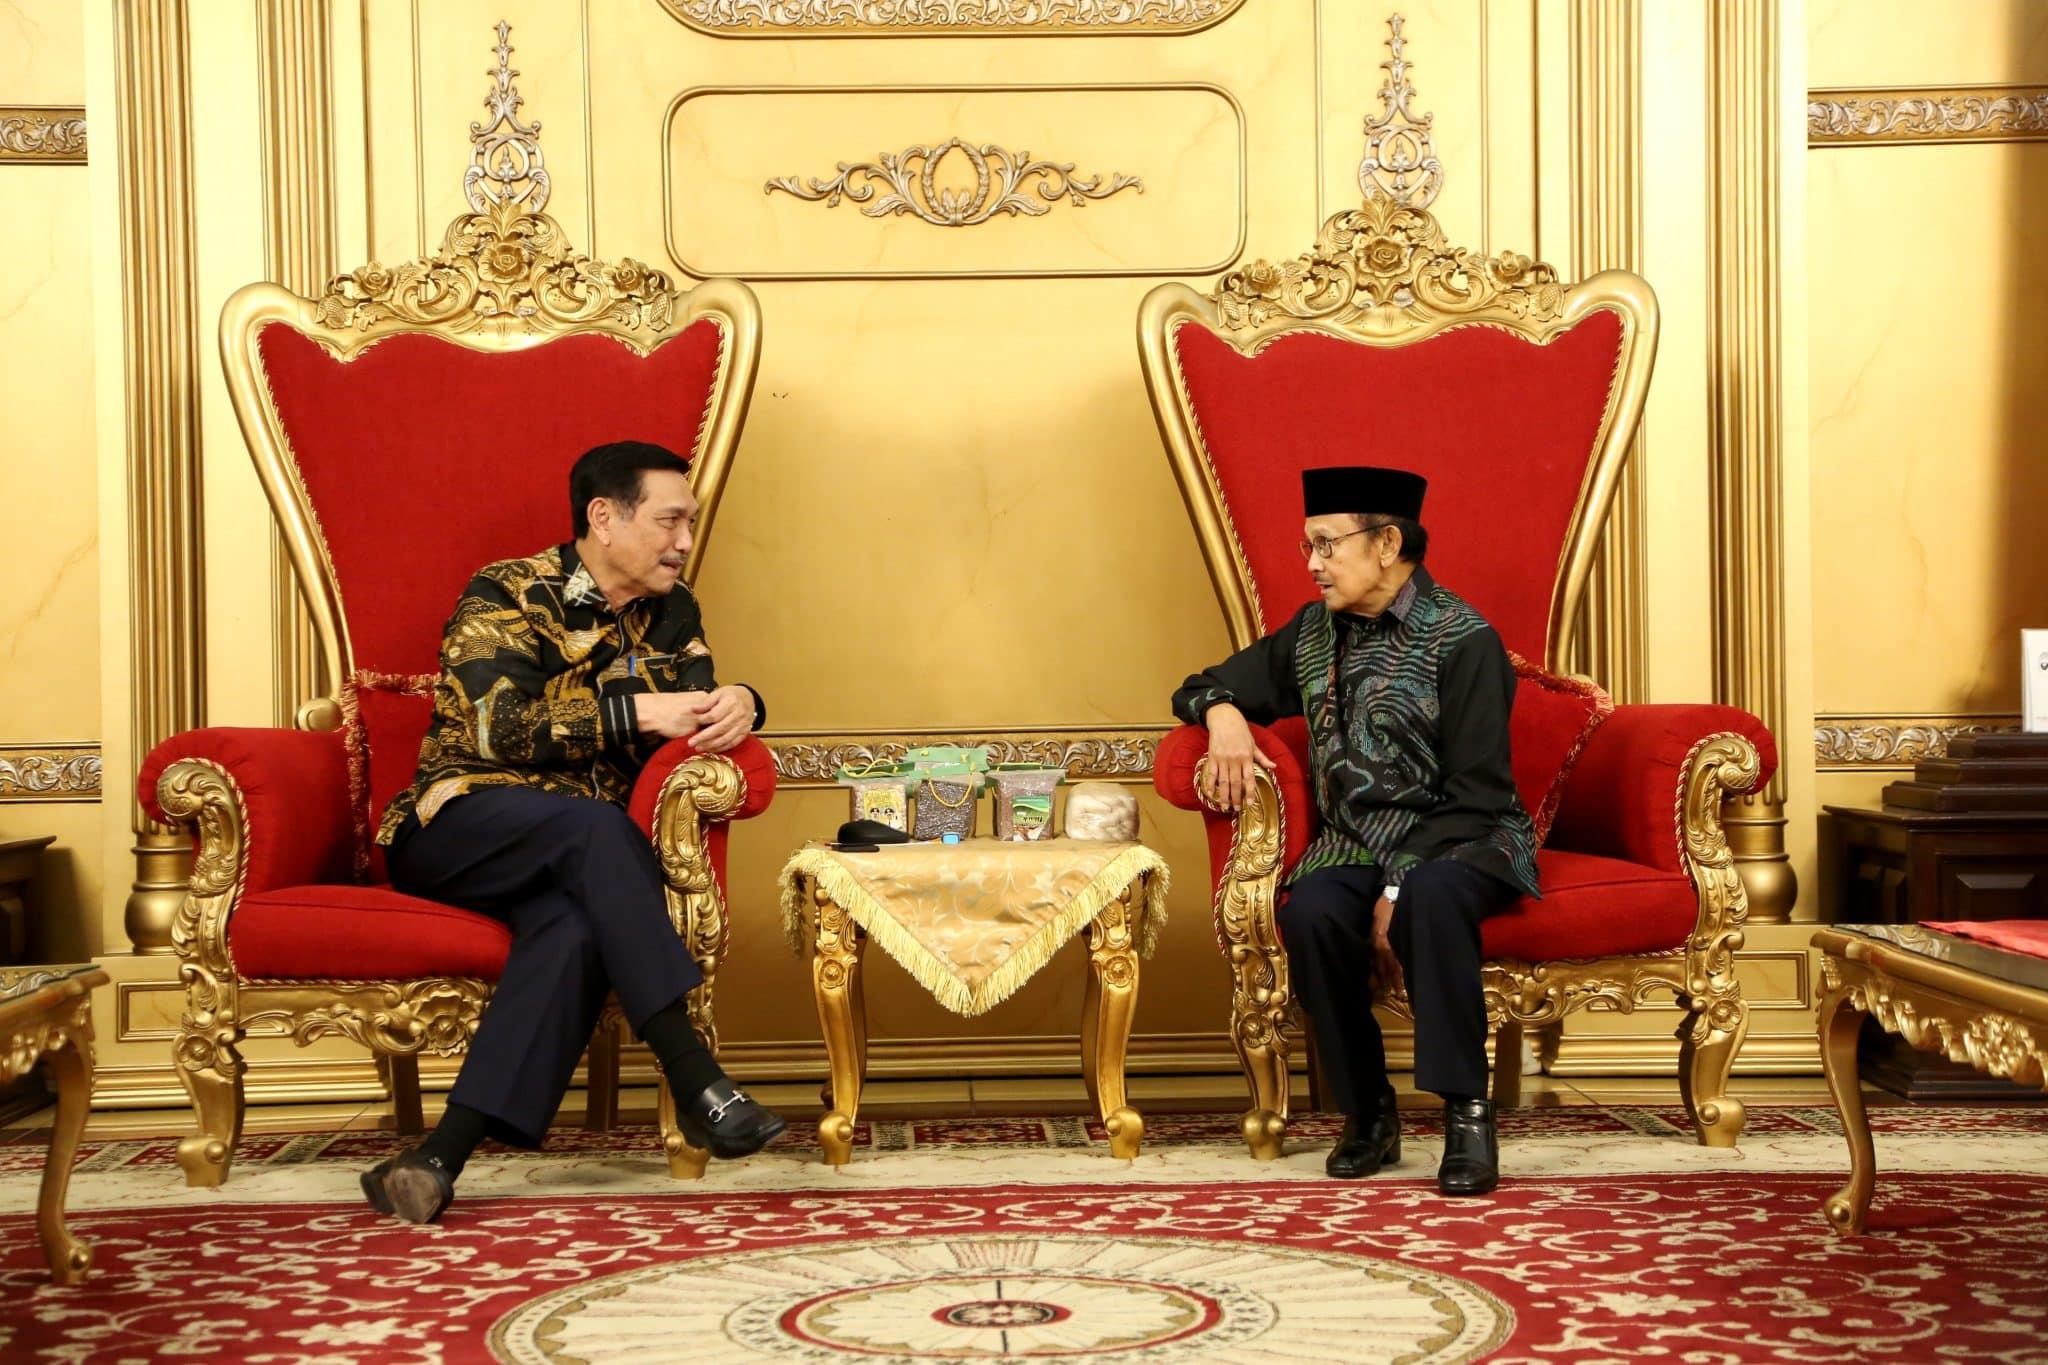 Menko Bidang Kemaritiman, Luhut B. Pandjaitan bersama Mantan Presiden BJ. Habibie hadiri Welcome Dinner Peserta Hari Kebangkitan Teknologi Nasional (Hakteknas) ke 22